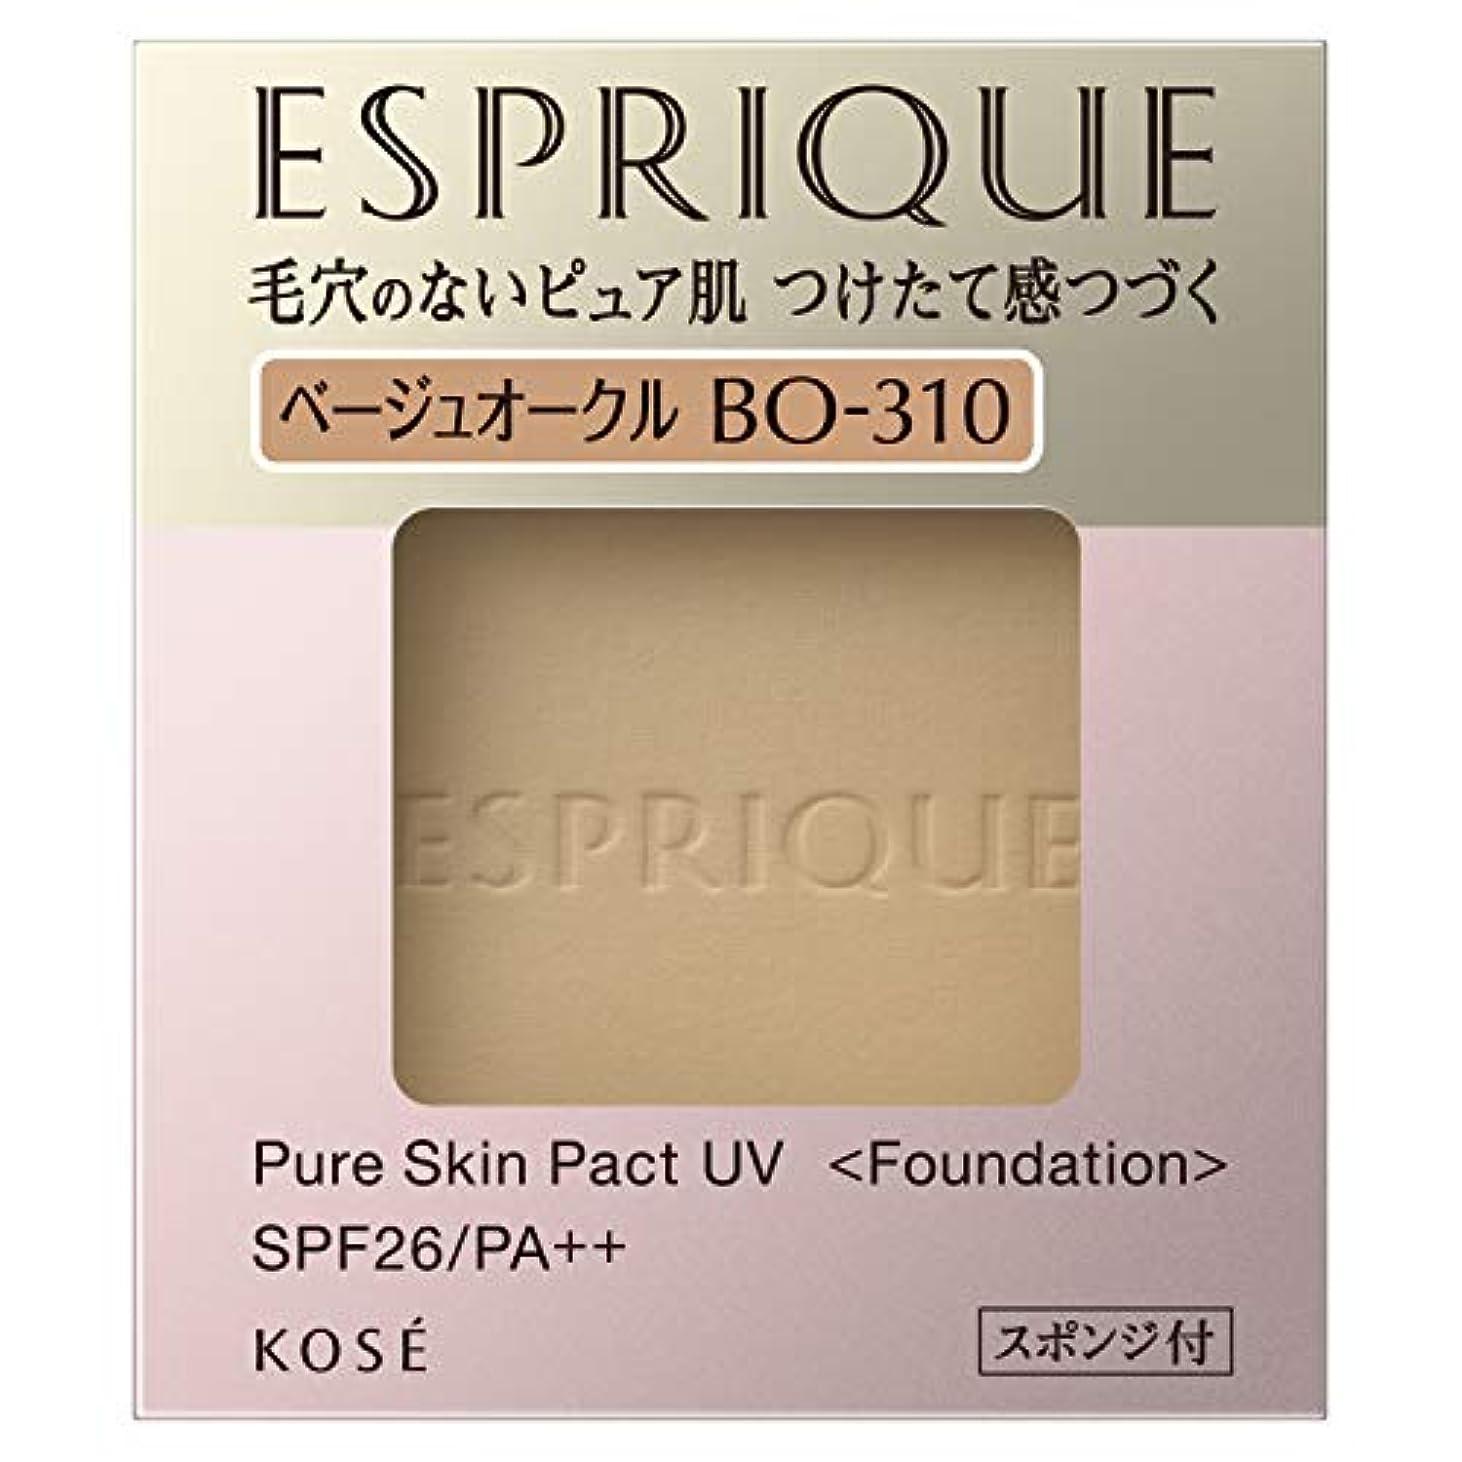 ポーター報いる不正直エスプリーク ピュアスキン パクト UV BO-310 ベージュオークル 9.3g